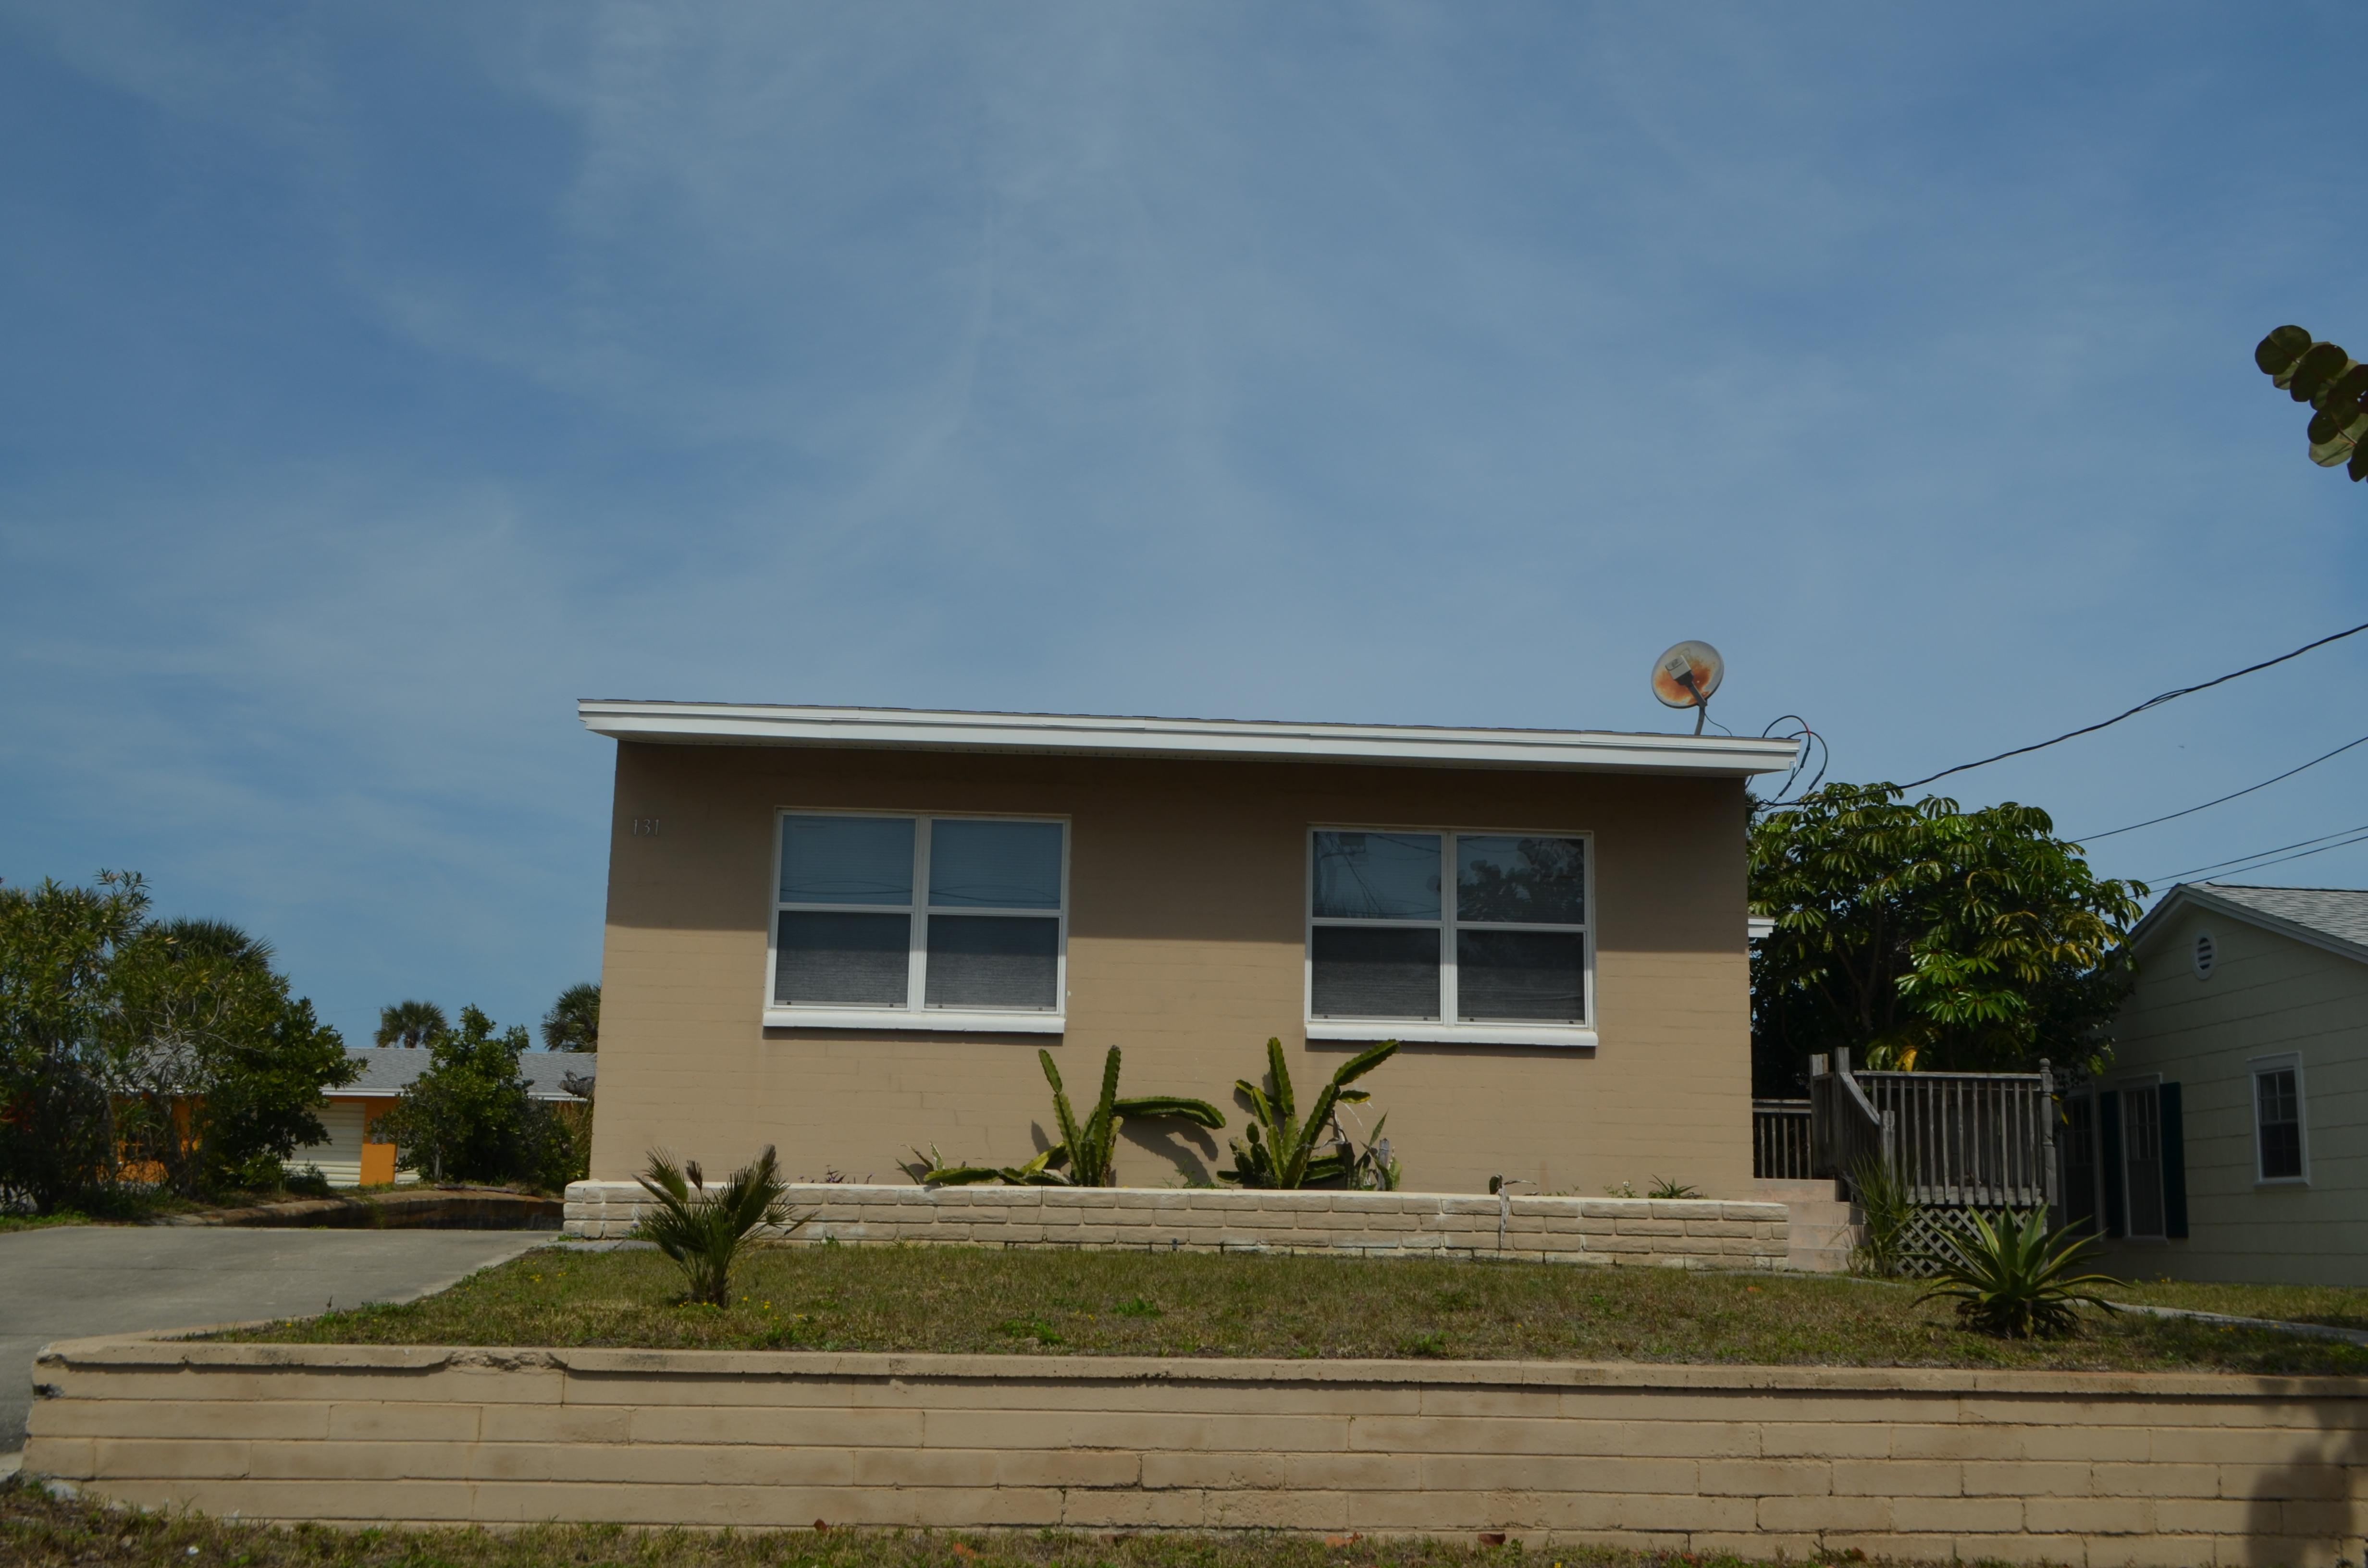 daytona beach houses for rent in daytona beach homes for